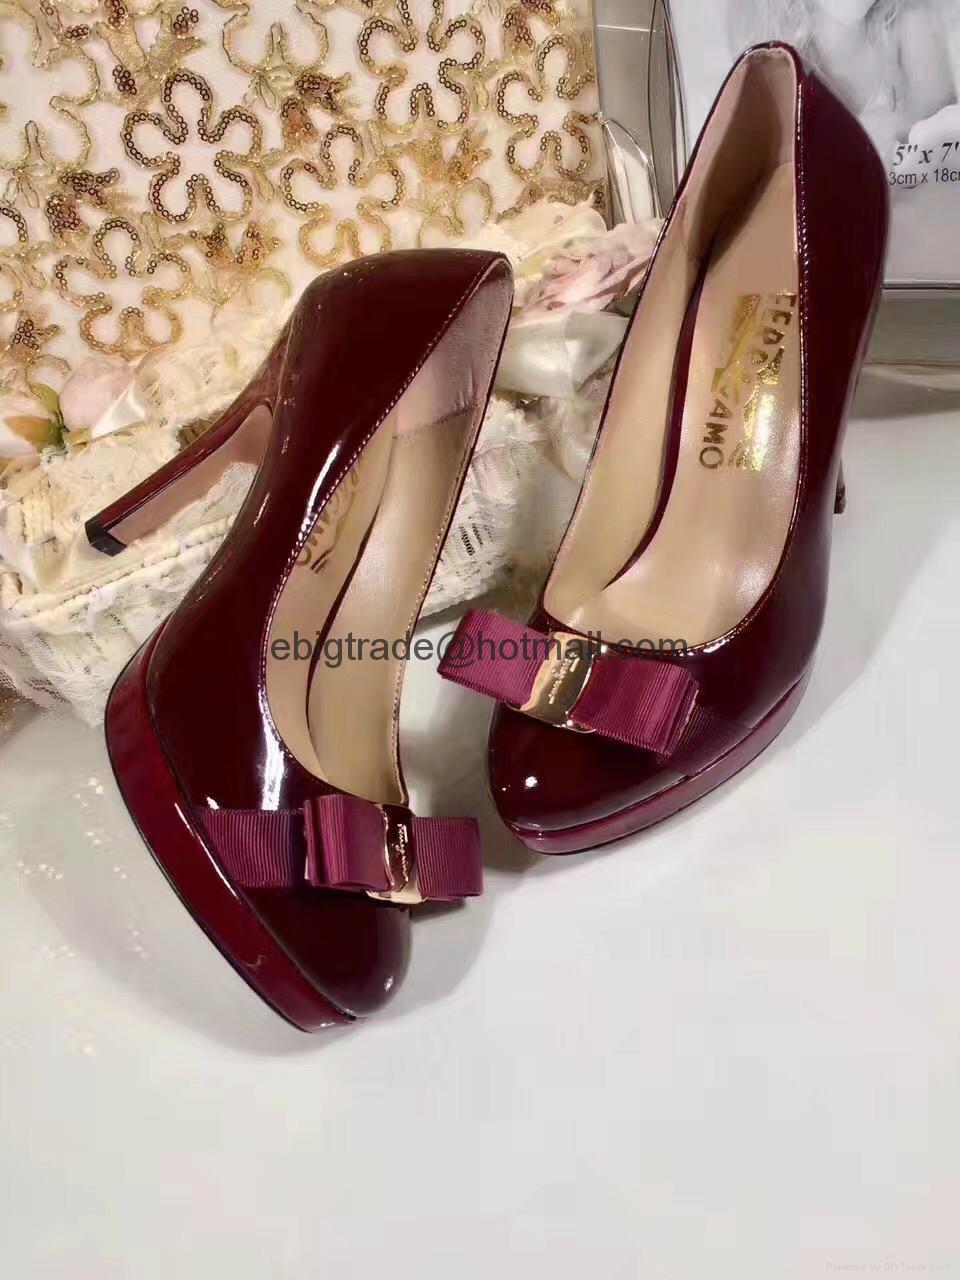 Ferragamo Pumps heels